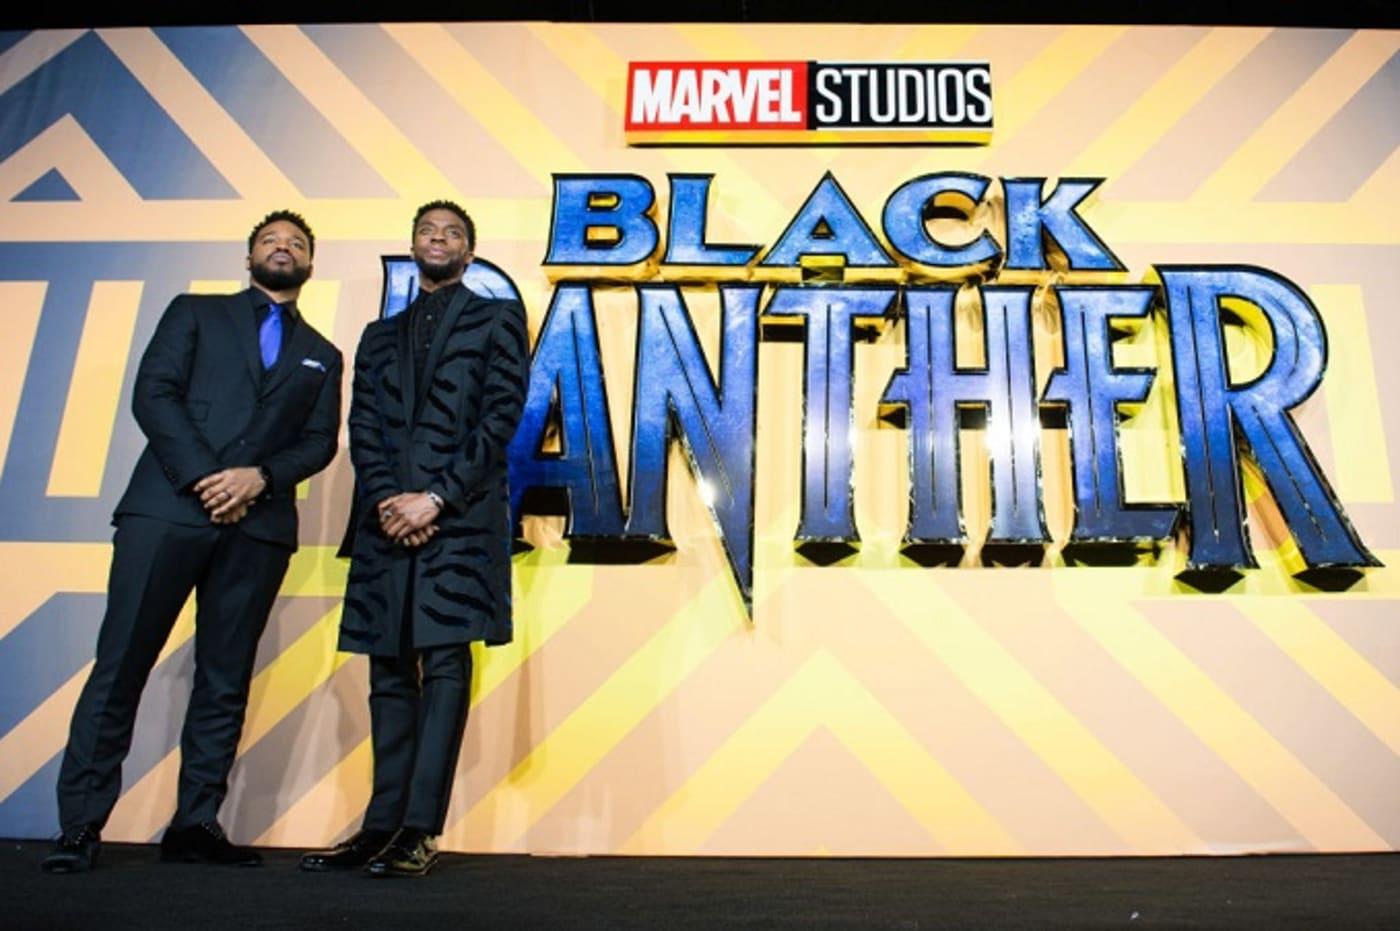 Black Panther's Ryan Coogler and Chadwick Boseman